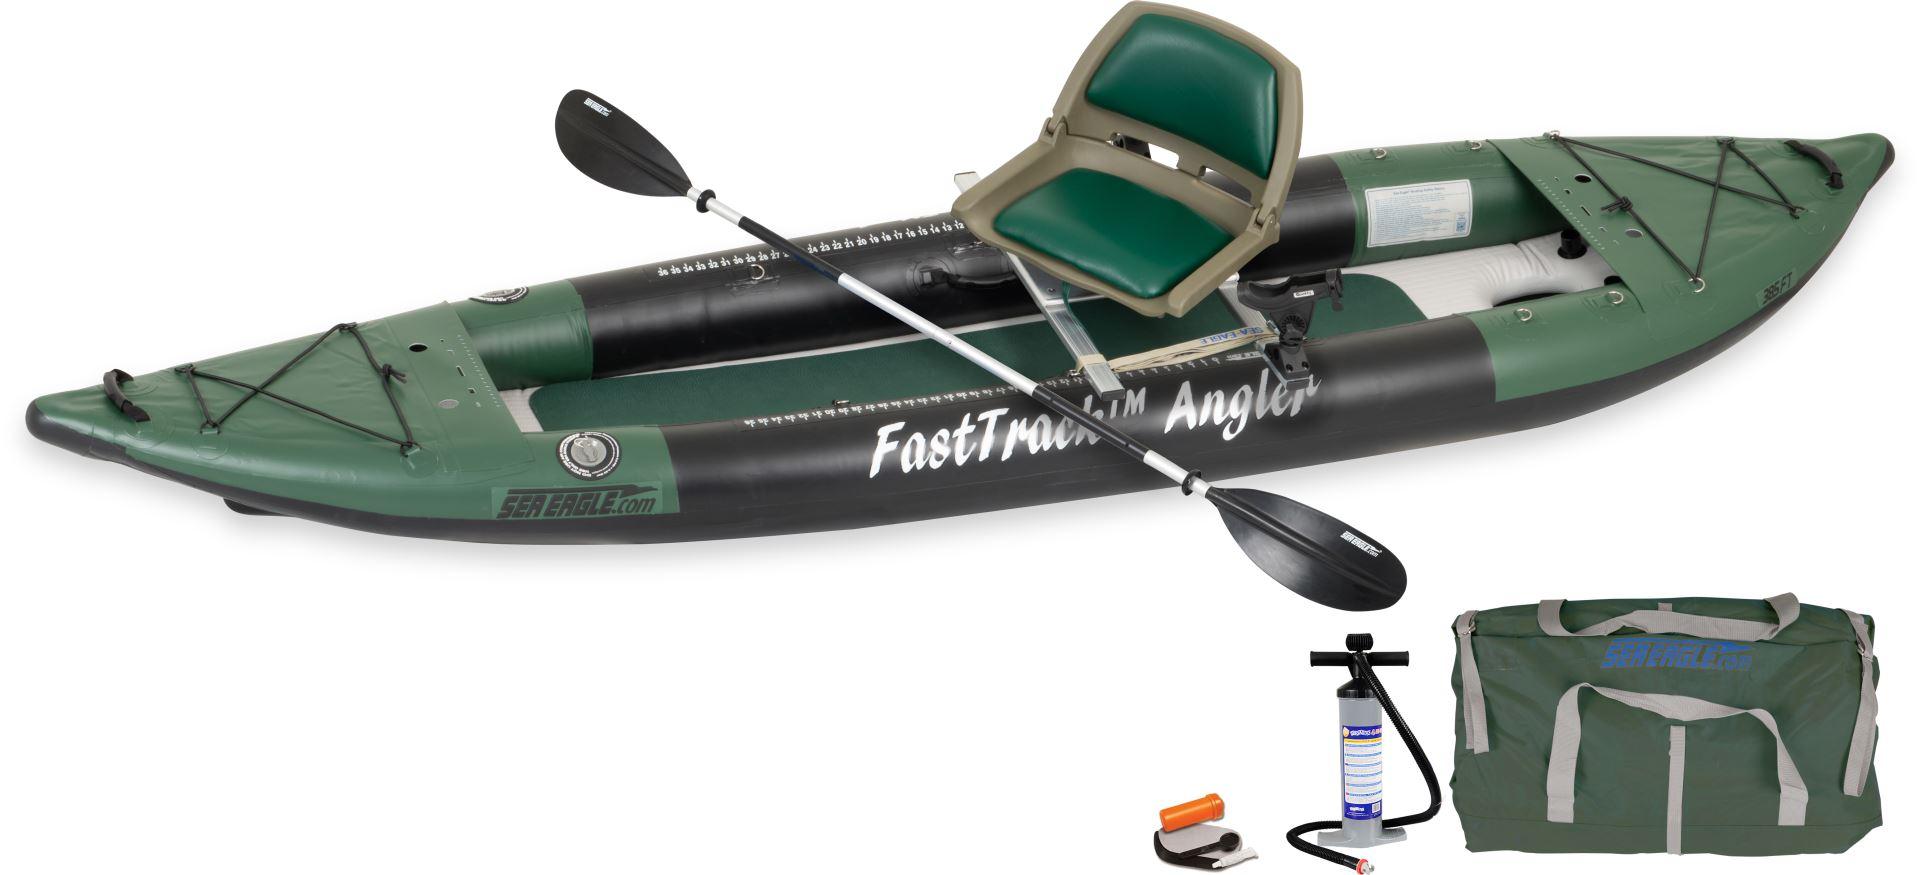 https://www.seaeagle.com/img/BoatPackage/XXL/385FTAK_FR.jpg